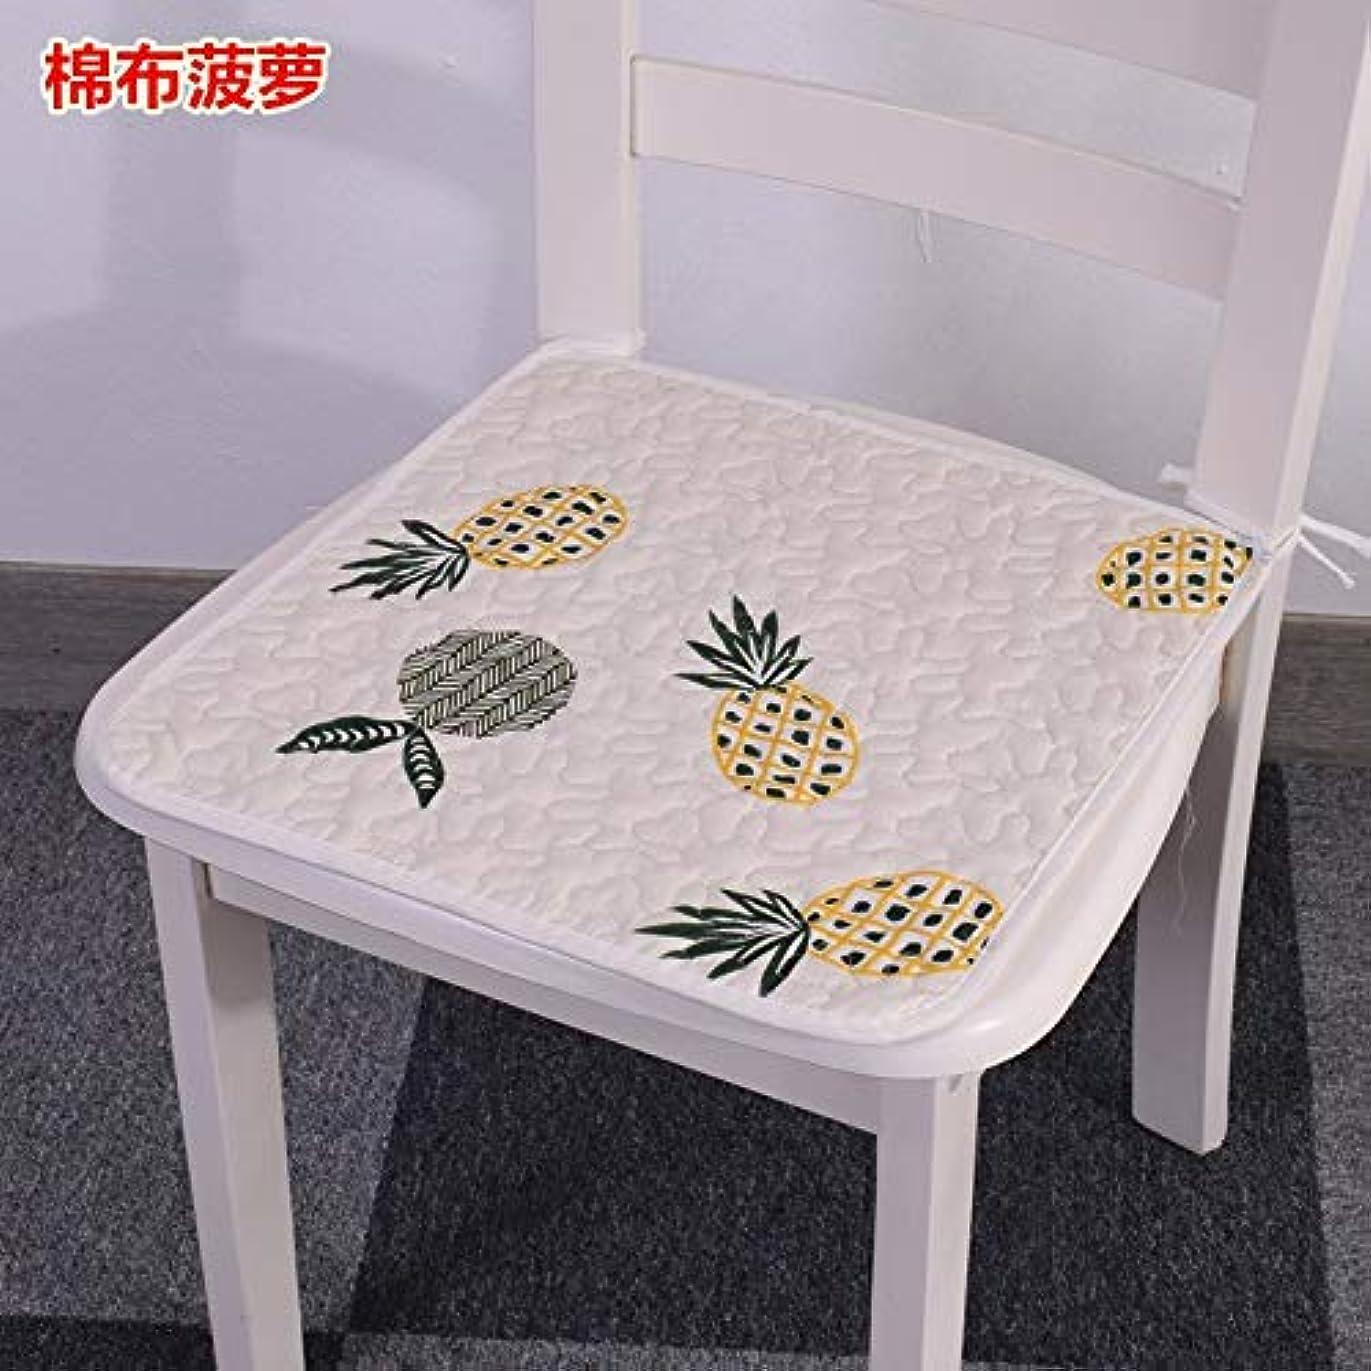 優先所得聞きますLIFE 現代スーパーソフト椅子クッション非スリップシートクッションマットソファホームデコレーションバッククッションチェアパッド 40*40/45*45/50*50 センチメートル クッション 椅子